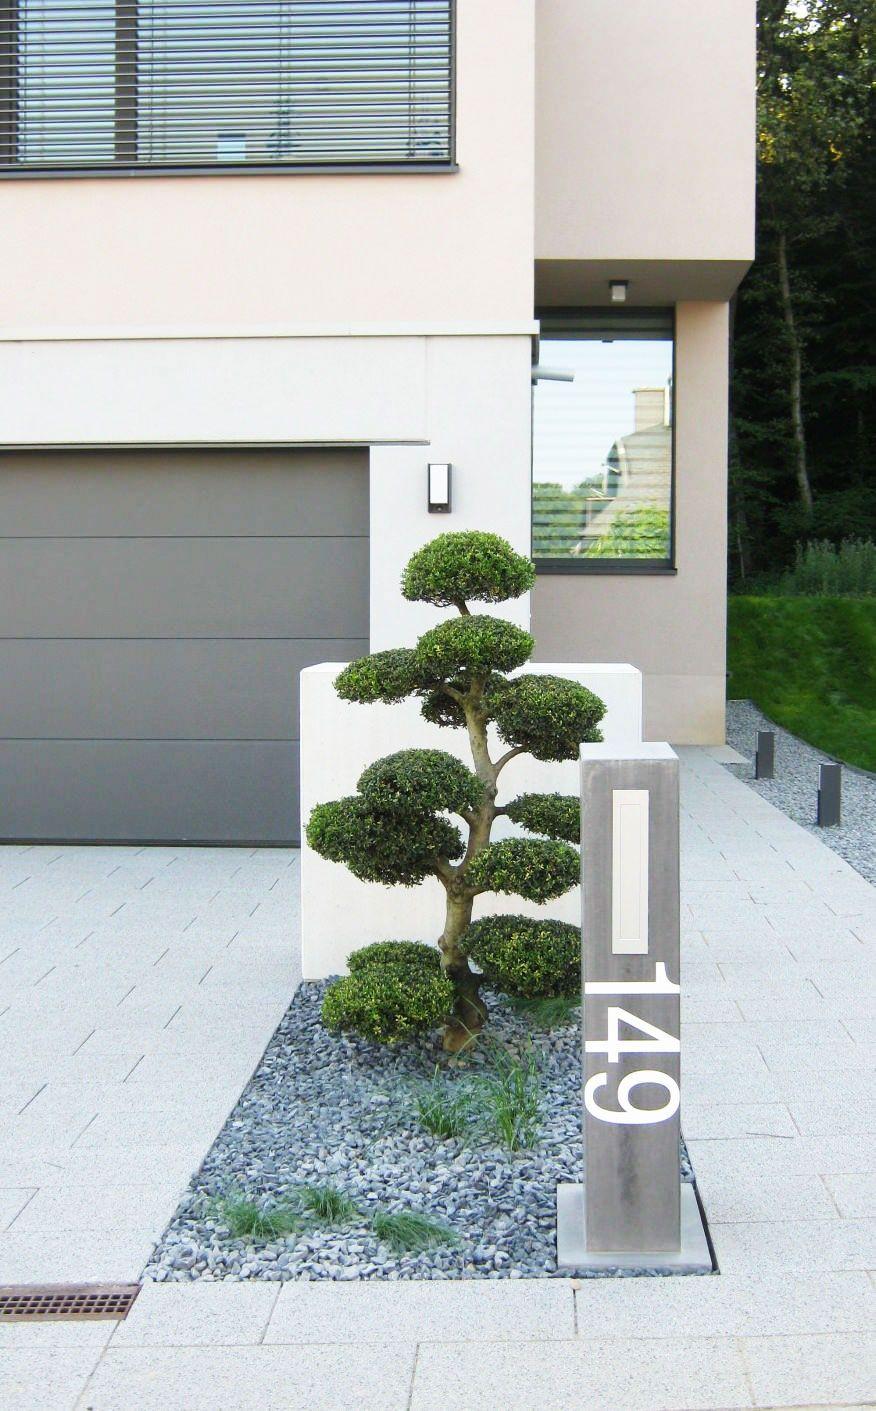 Amenagement entr e bonsa jardin et for t luxembourg jardin cabane pinterest - Amenagement paysager devant maison ...